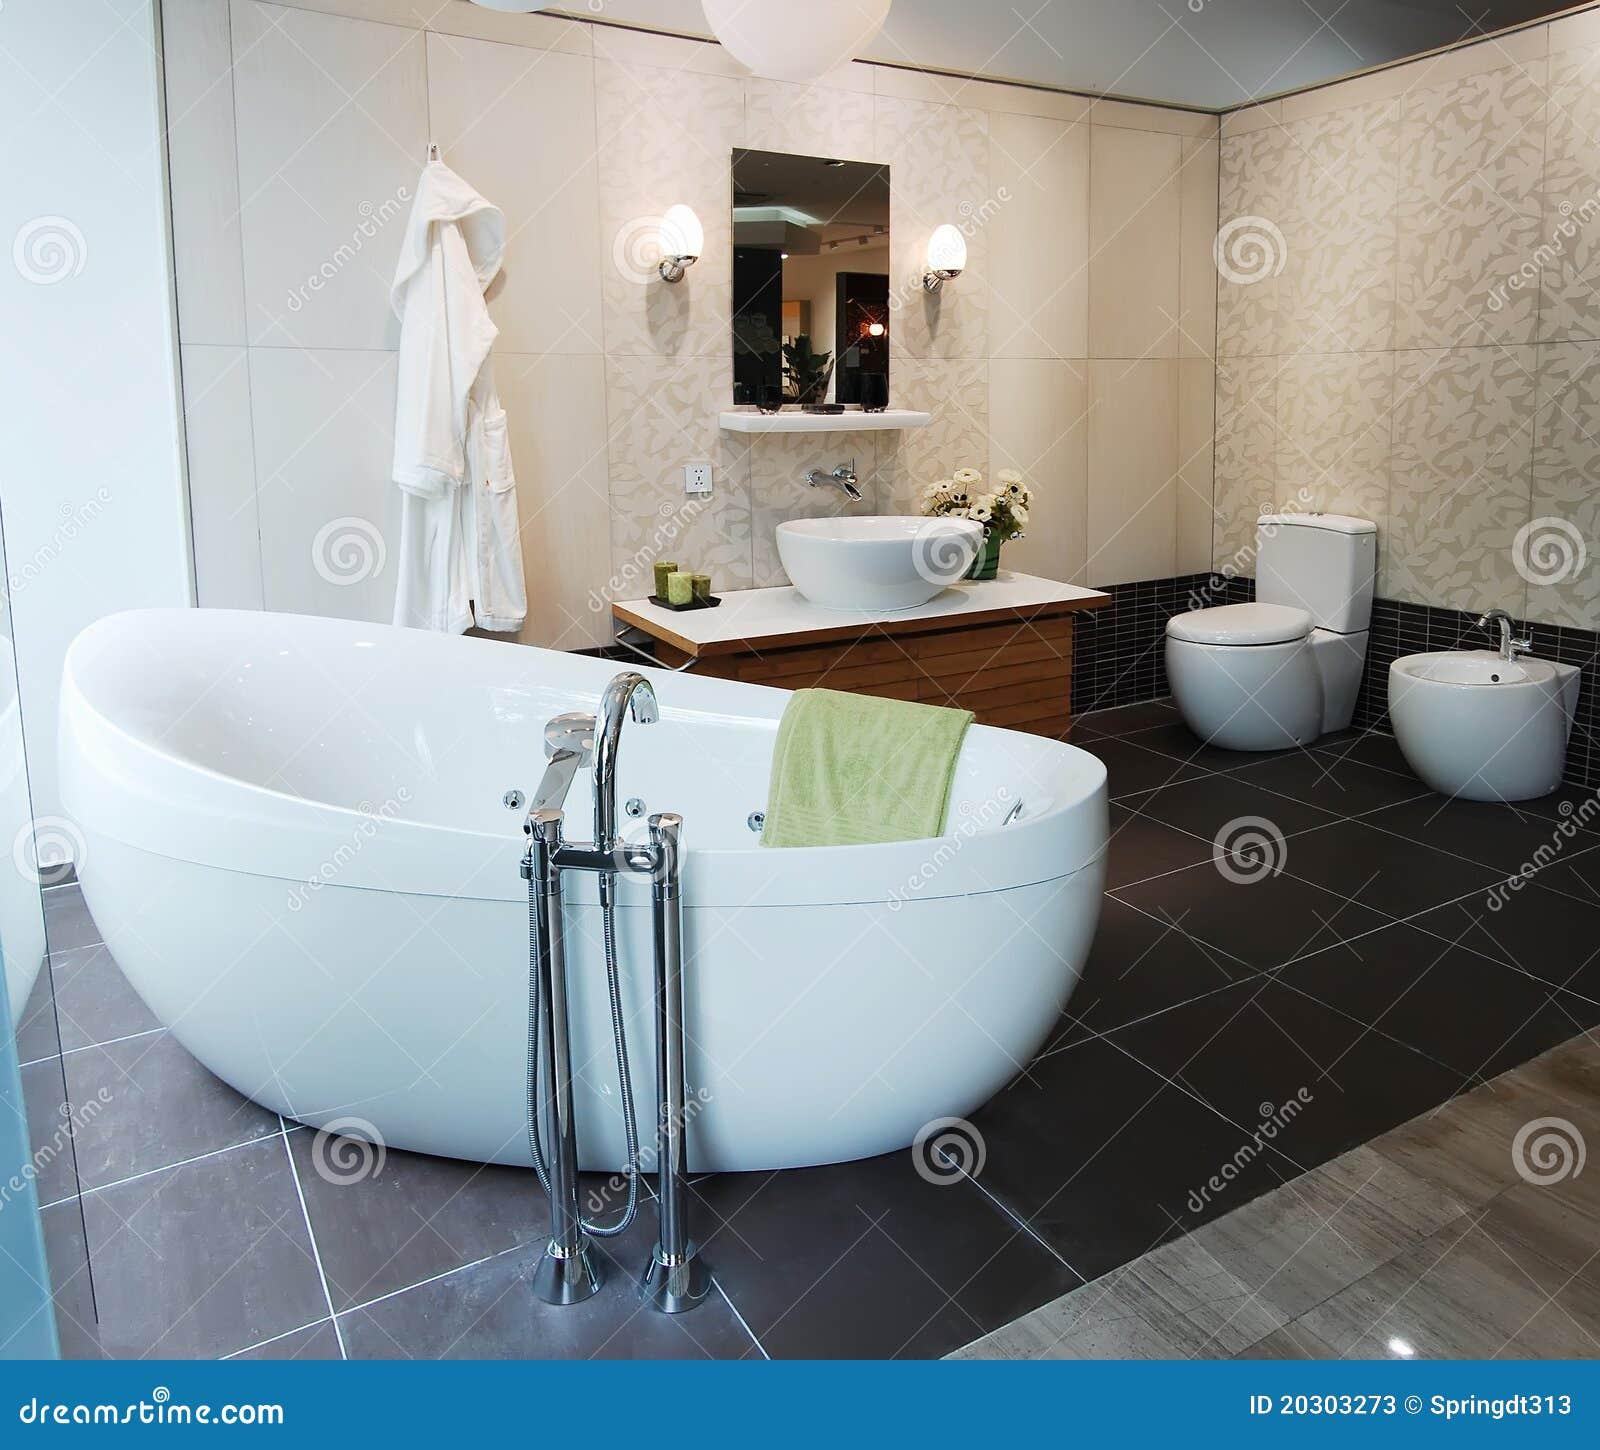 Stanza da bagno immagine stock. Immagine di architettura ... on Stanza Da Bagno  id=72511